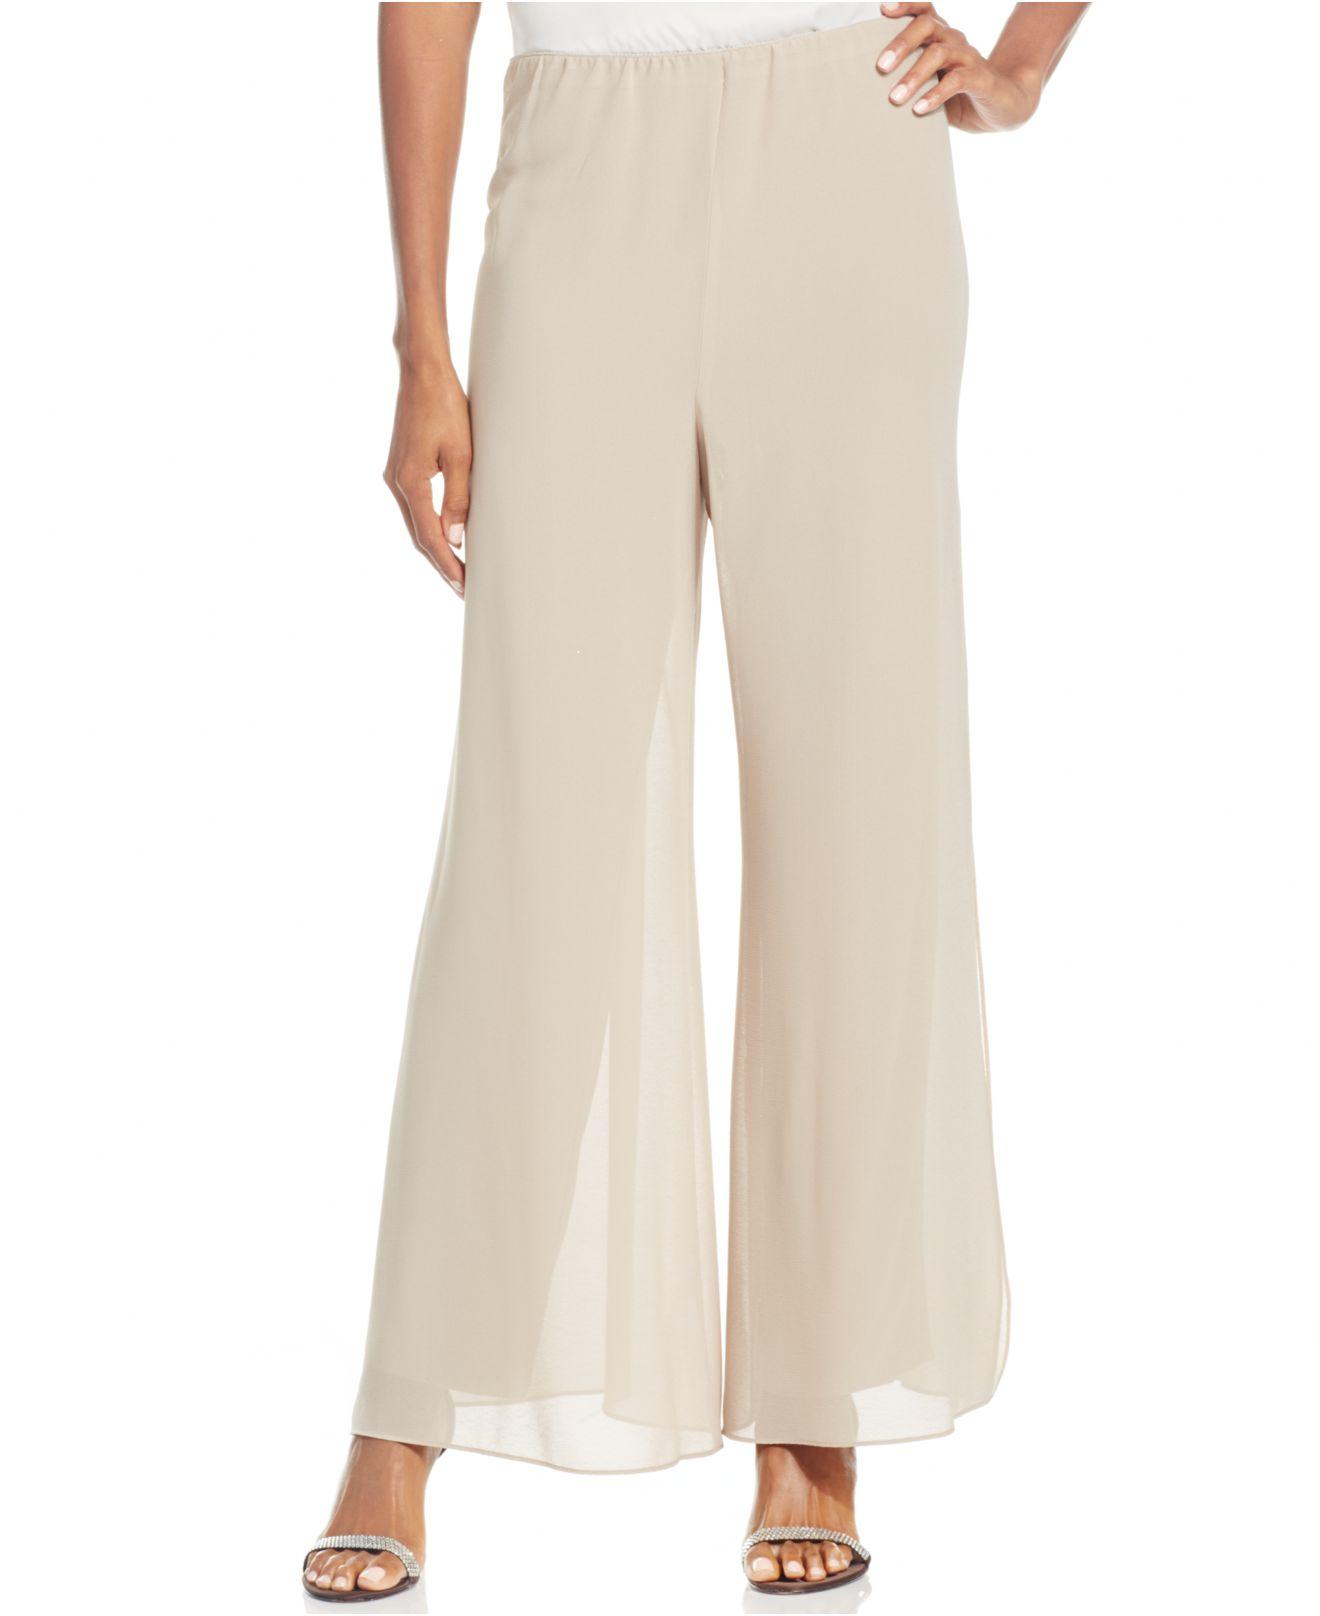 b7b5a9808d26f9 Wide Leg Dressy Pant Suits